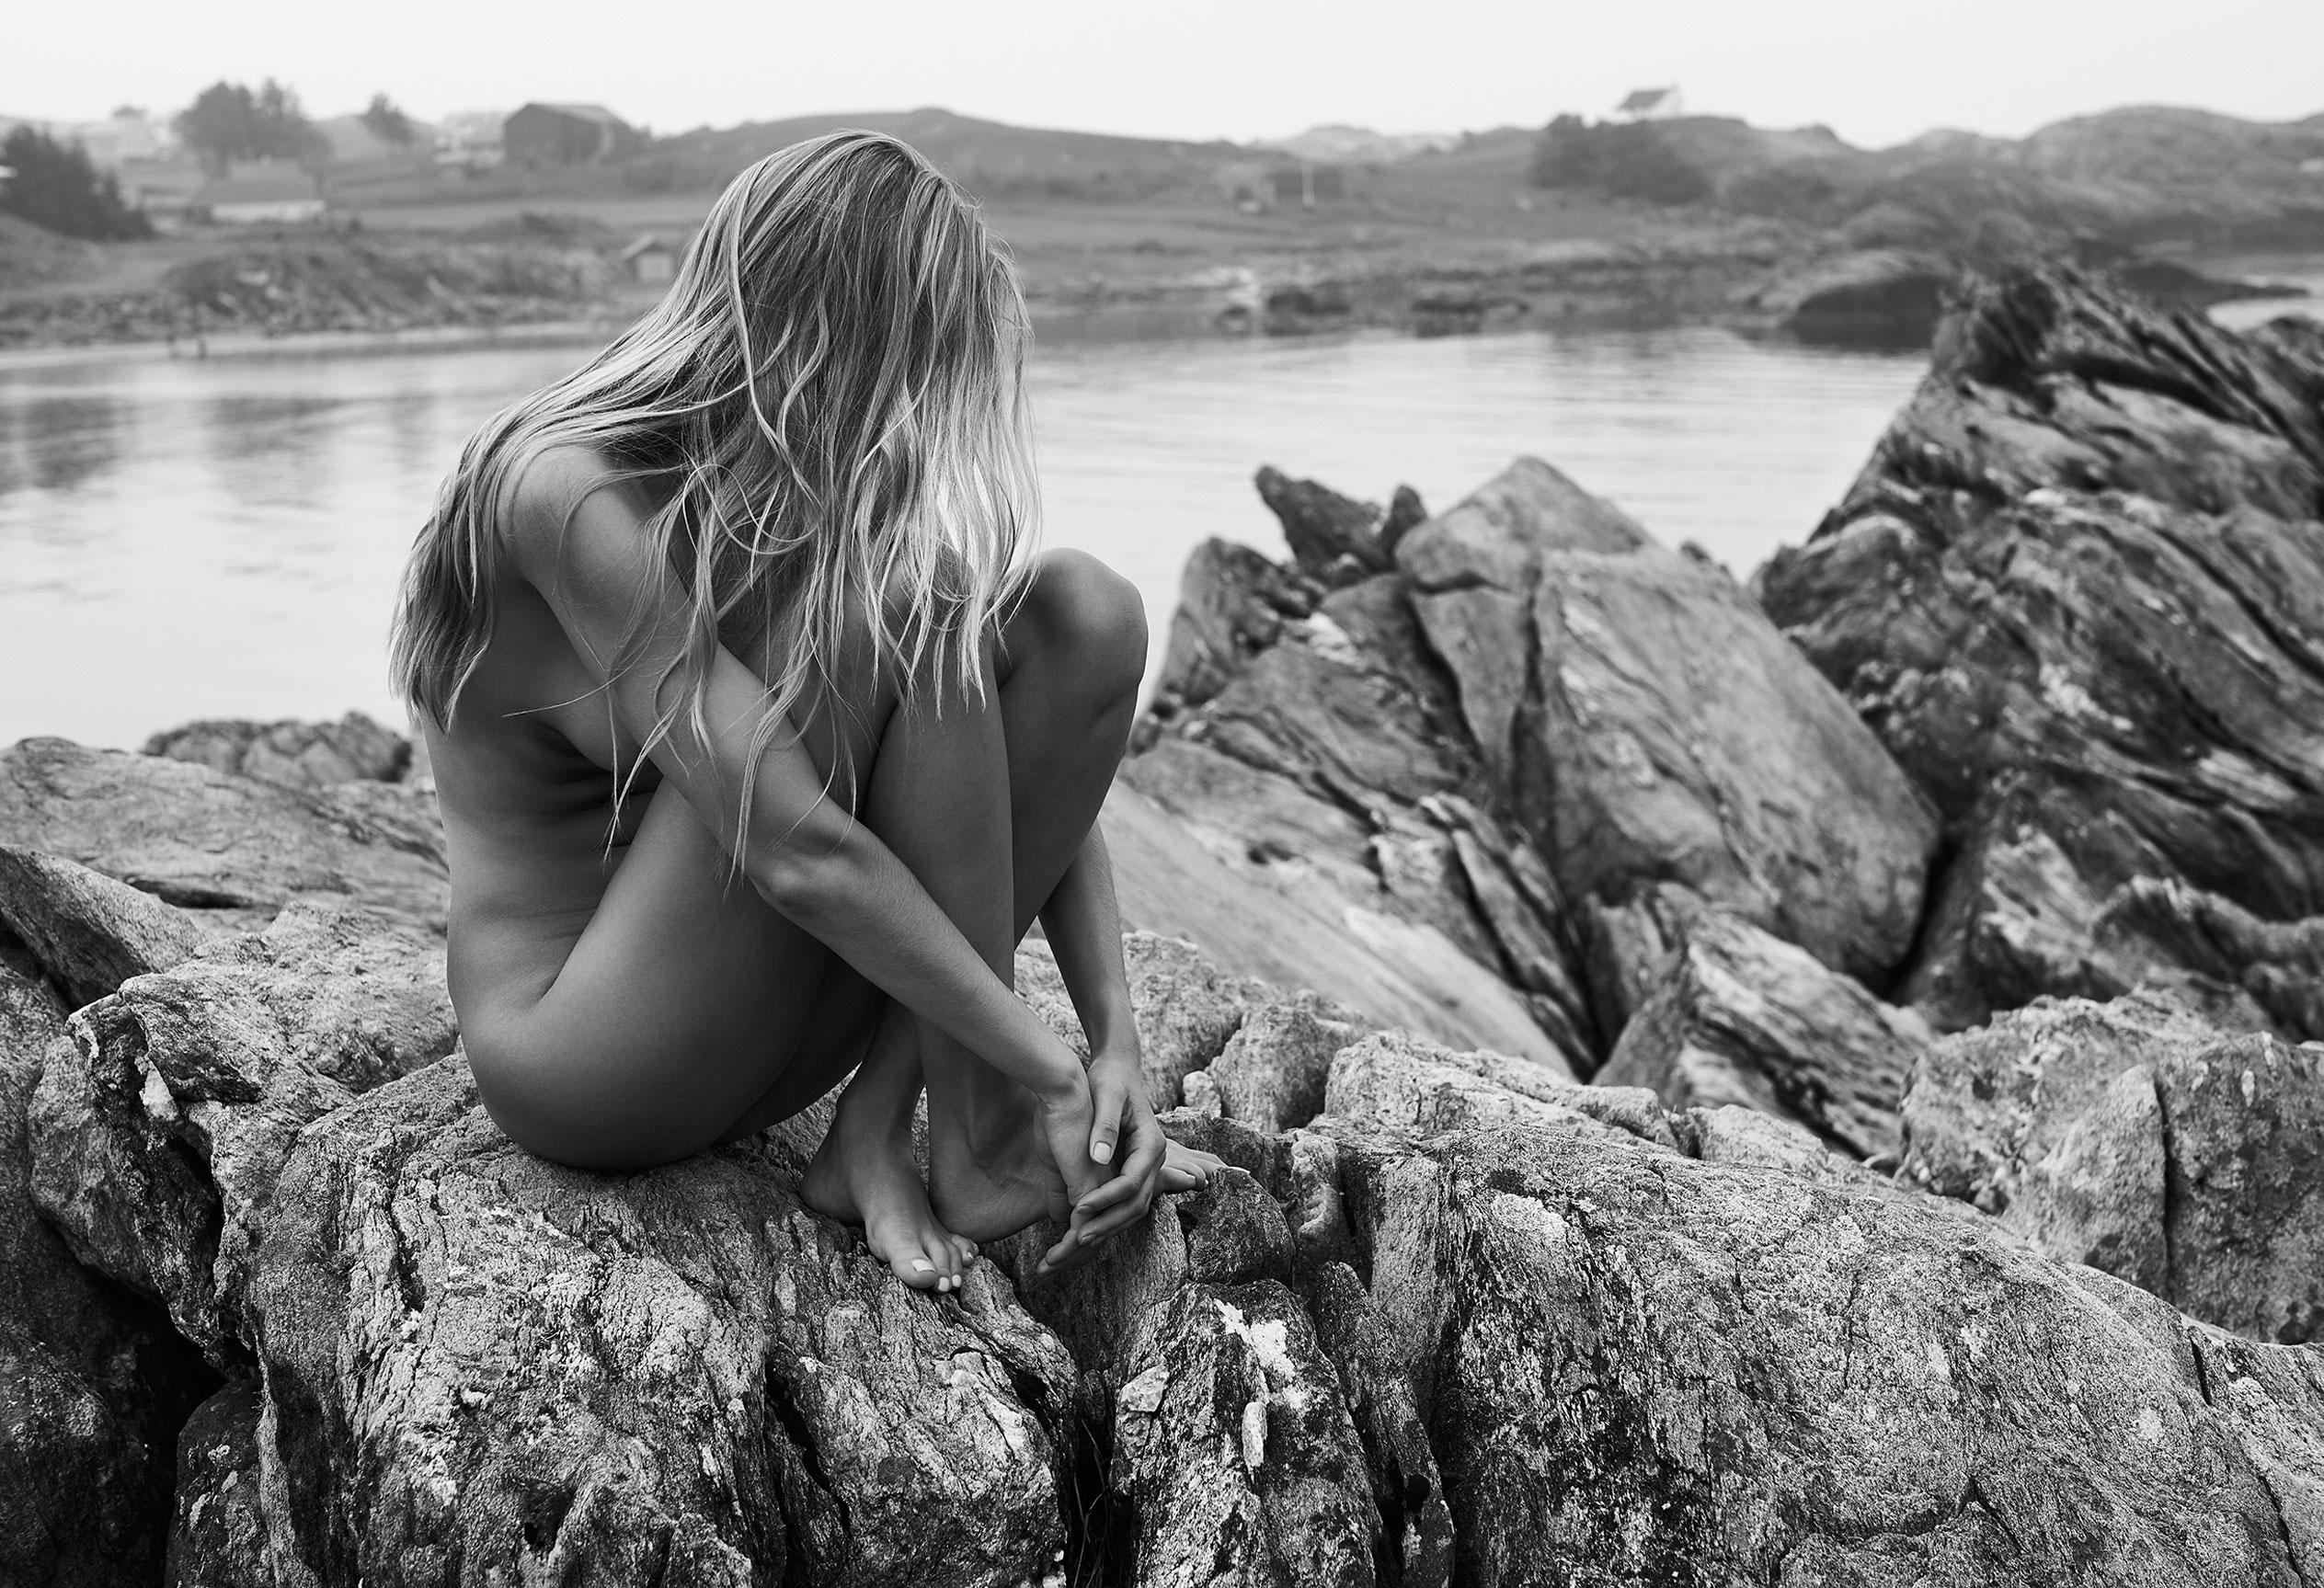 эротический календарь 12 чудес природы / Норвегия 2018 / фото 10